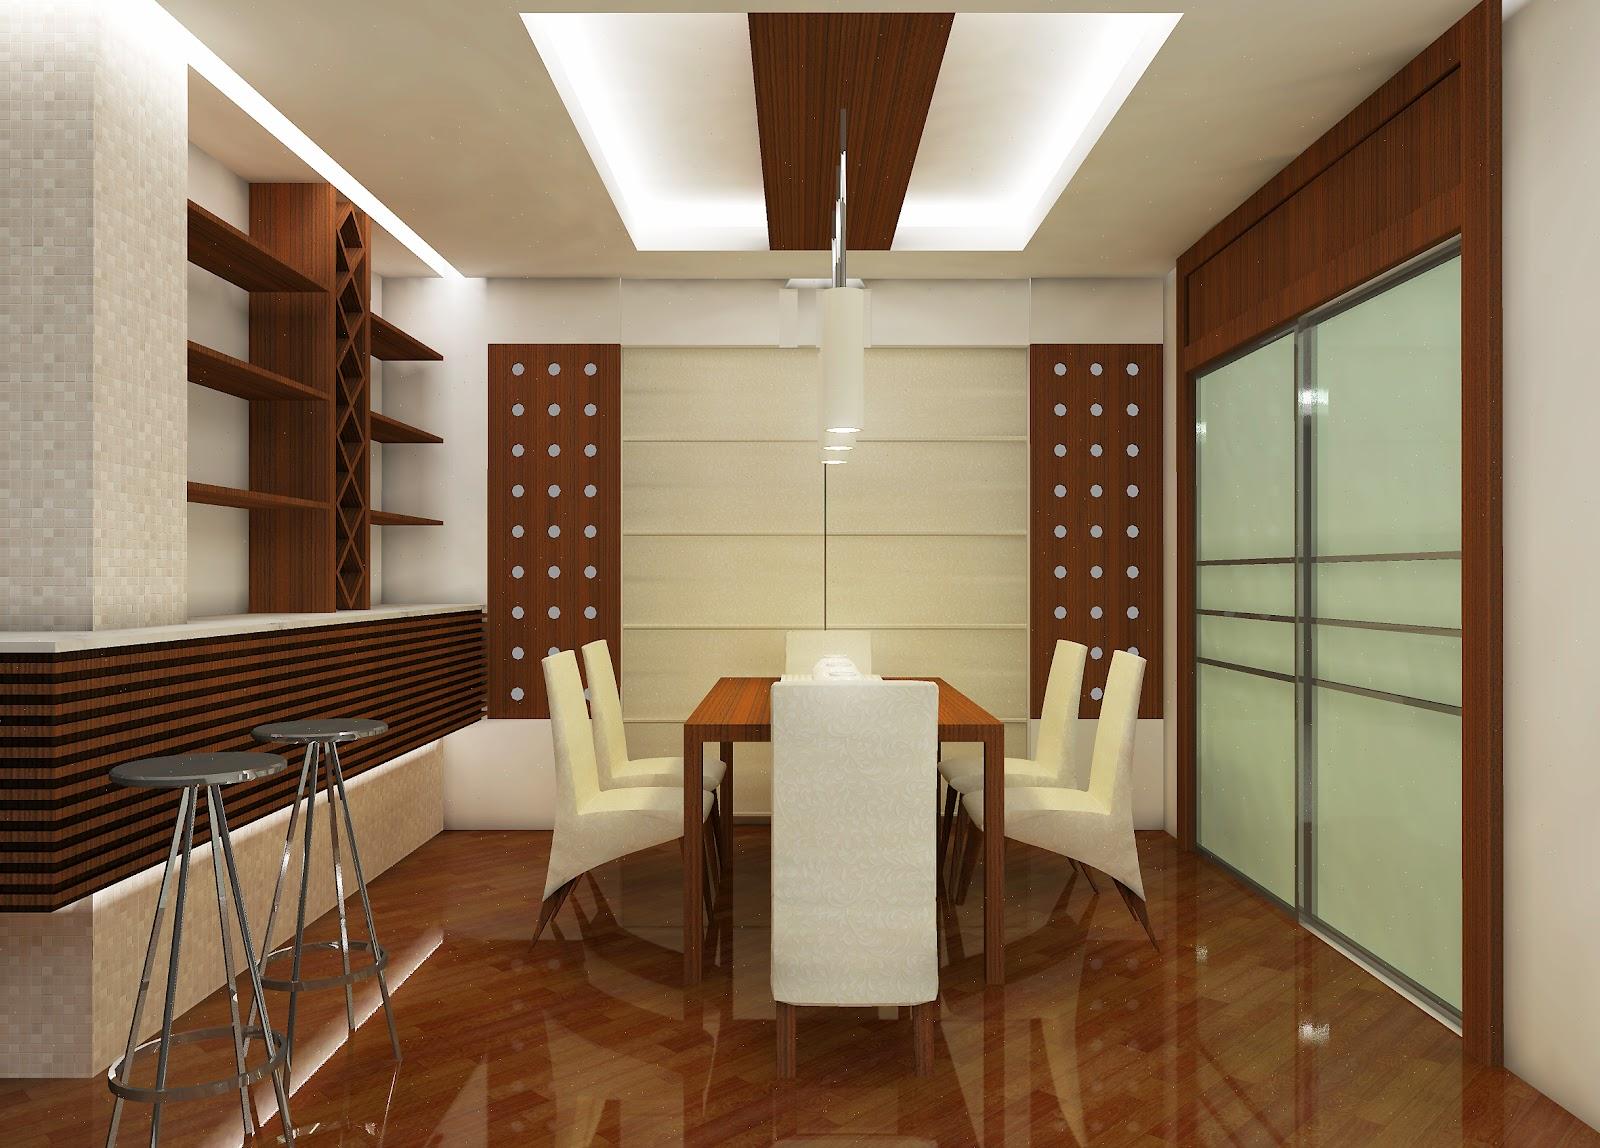 Dunia Kabinet Dapur: Gambar-gambar 3D Hiasan Dalaman Rumah